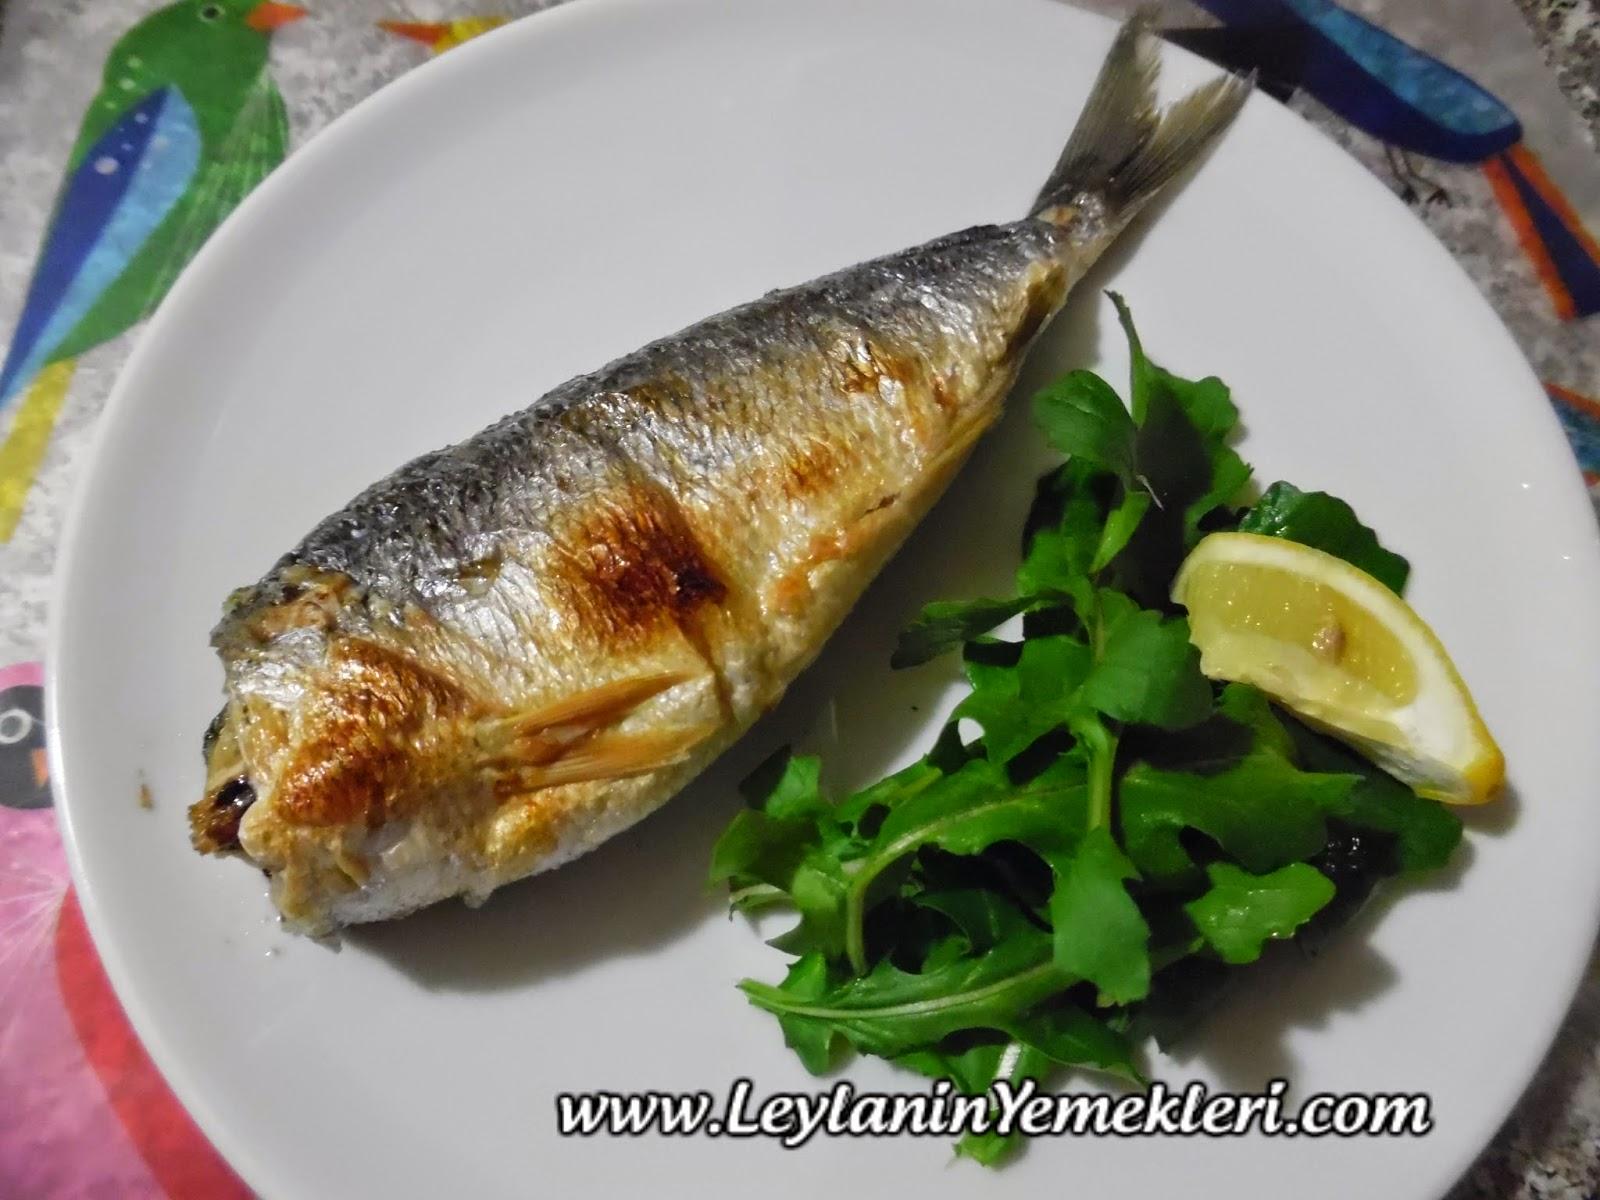 Mutfaktaki Balık Kokusu Nasıl Çıkar